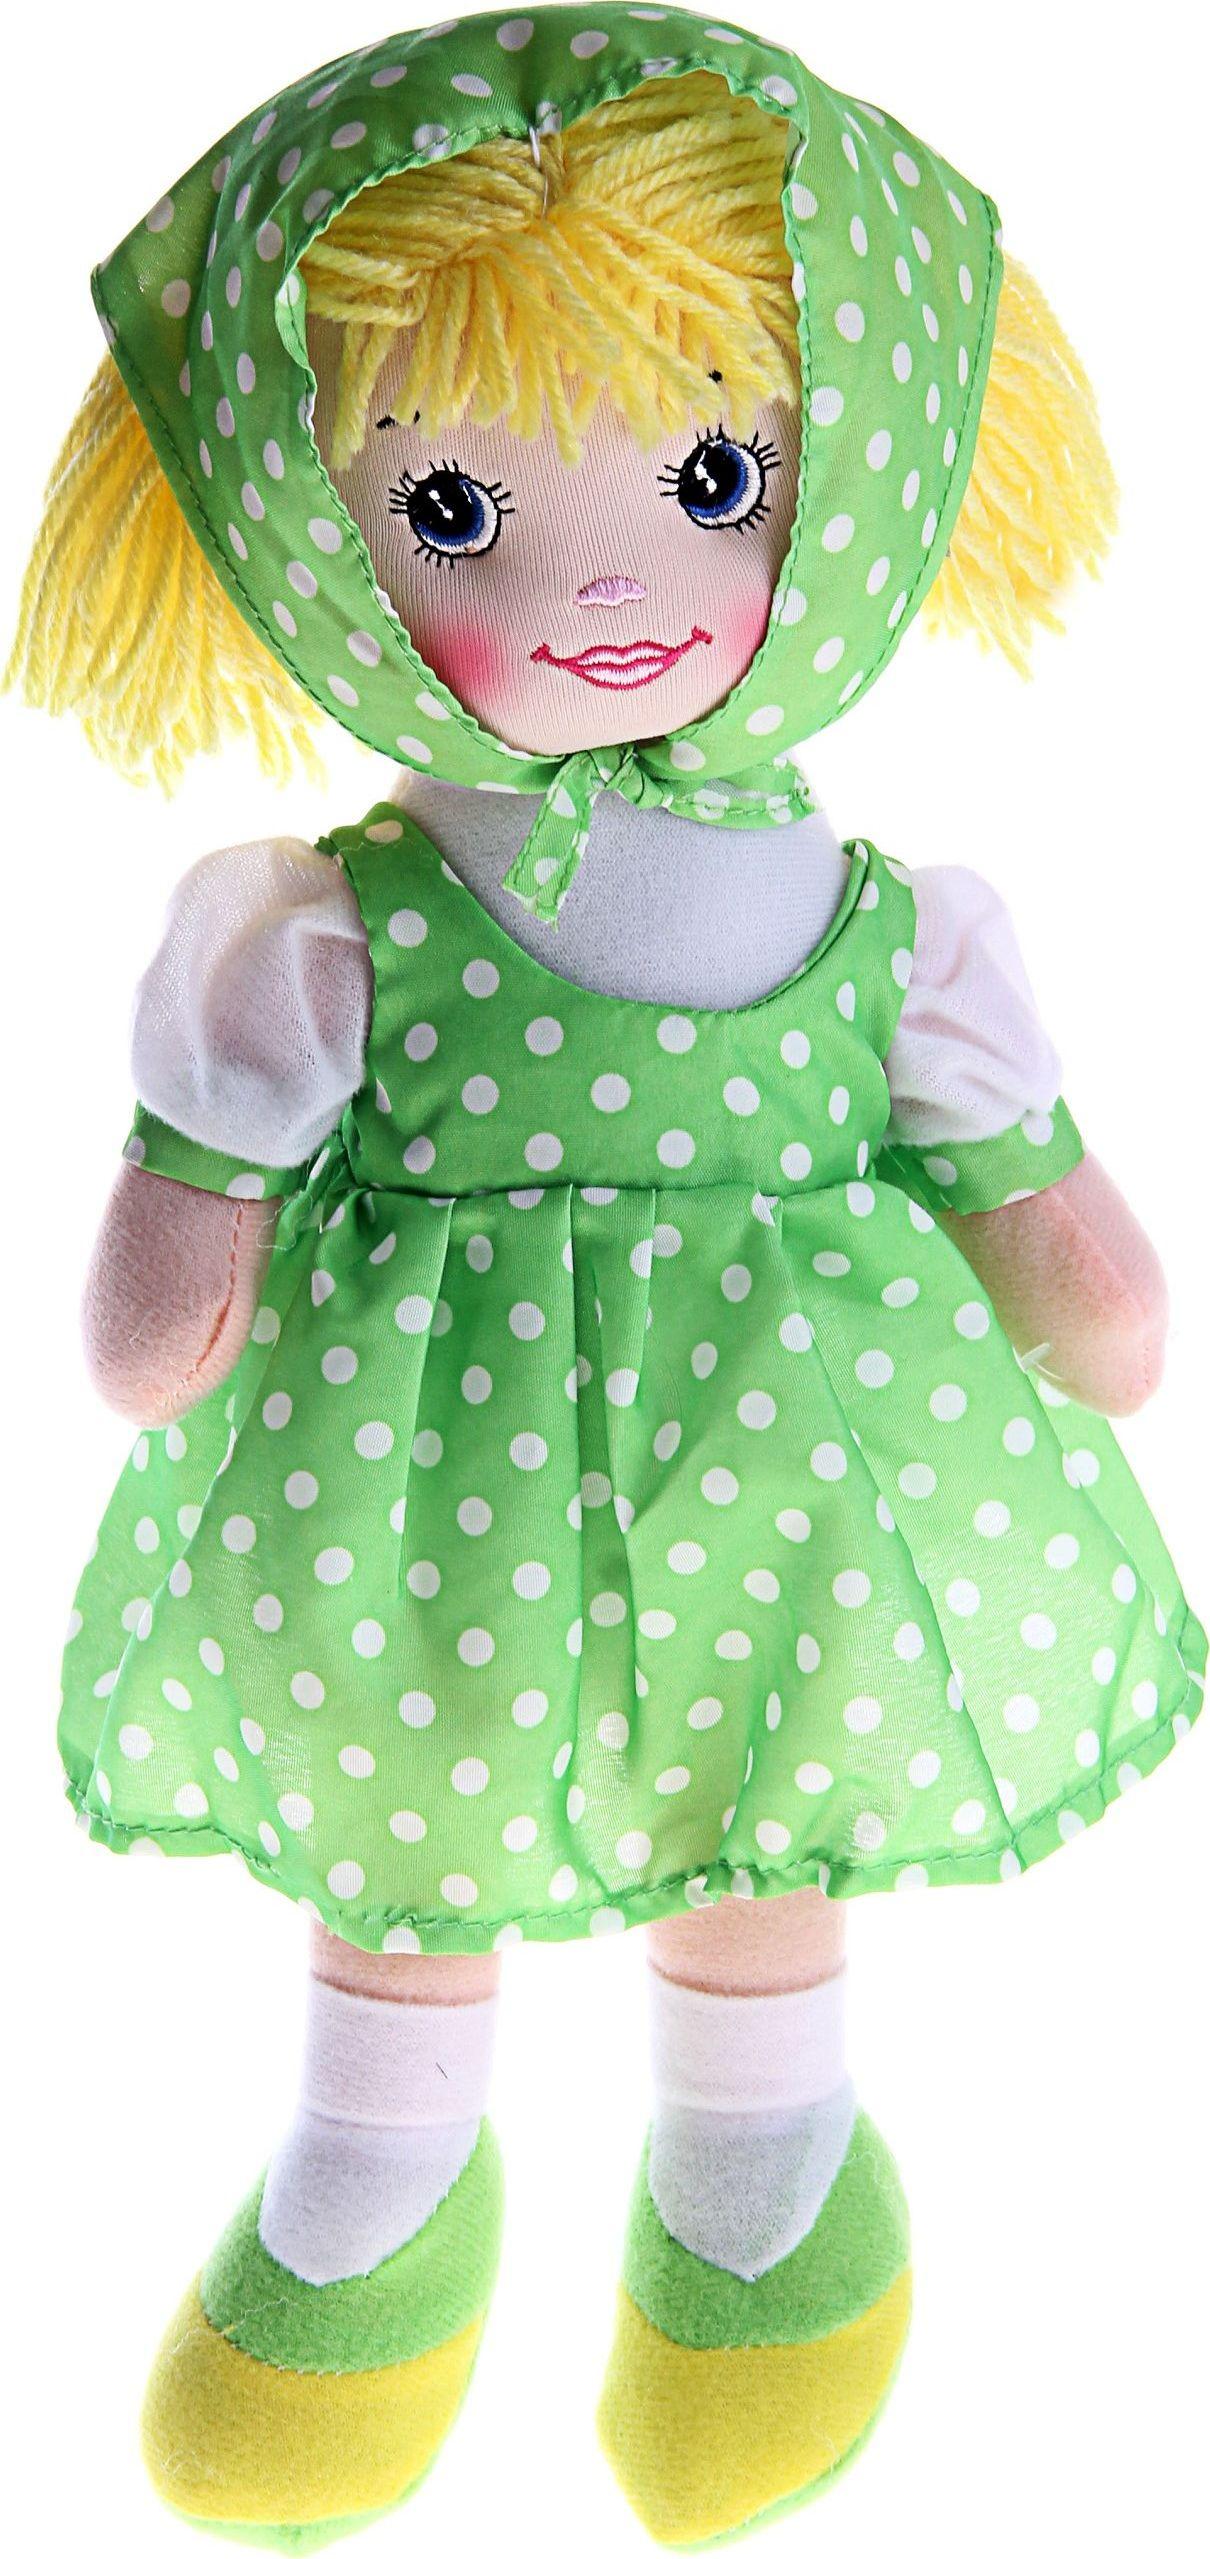 Sima-land Мягкая кукла Ксюша в косынке и зеленом платье 330353 sima land мягкая кукла оля с держателем и полотенцем цвет желтый